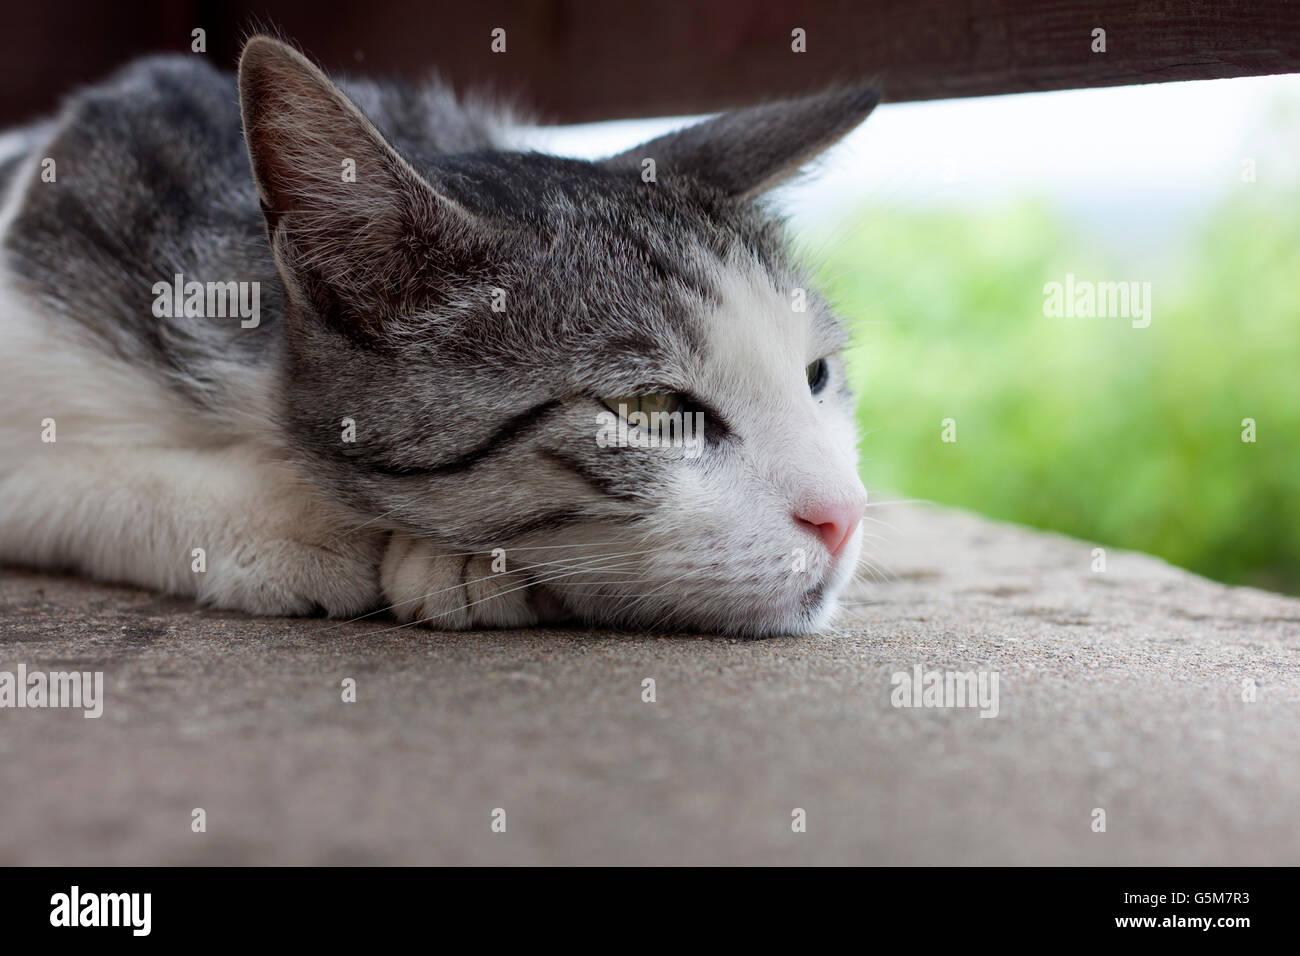 Nostalgic cat Stock Photo - Alamy